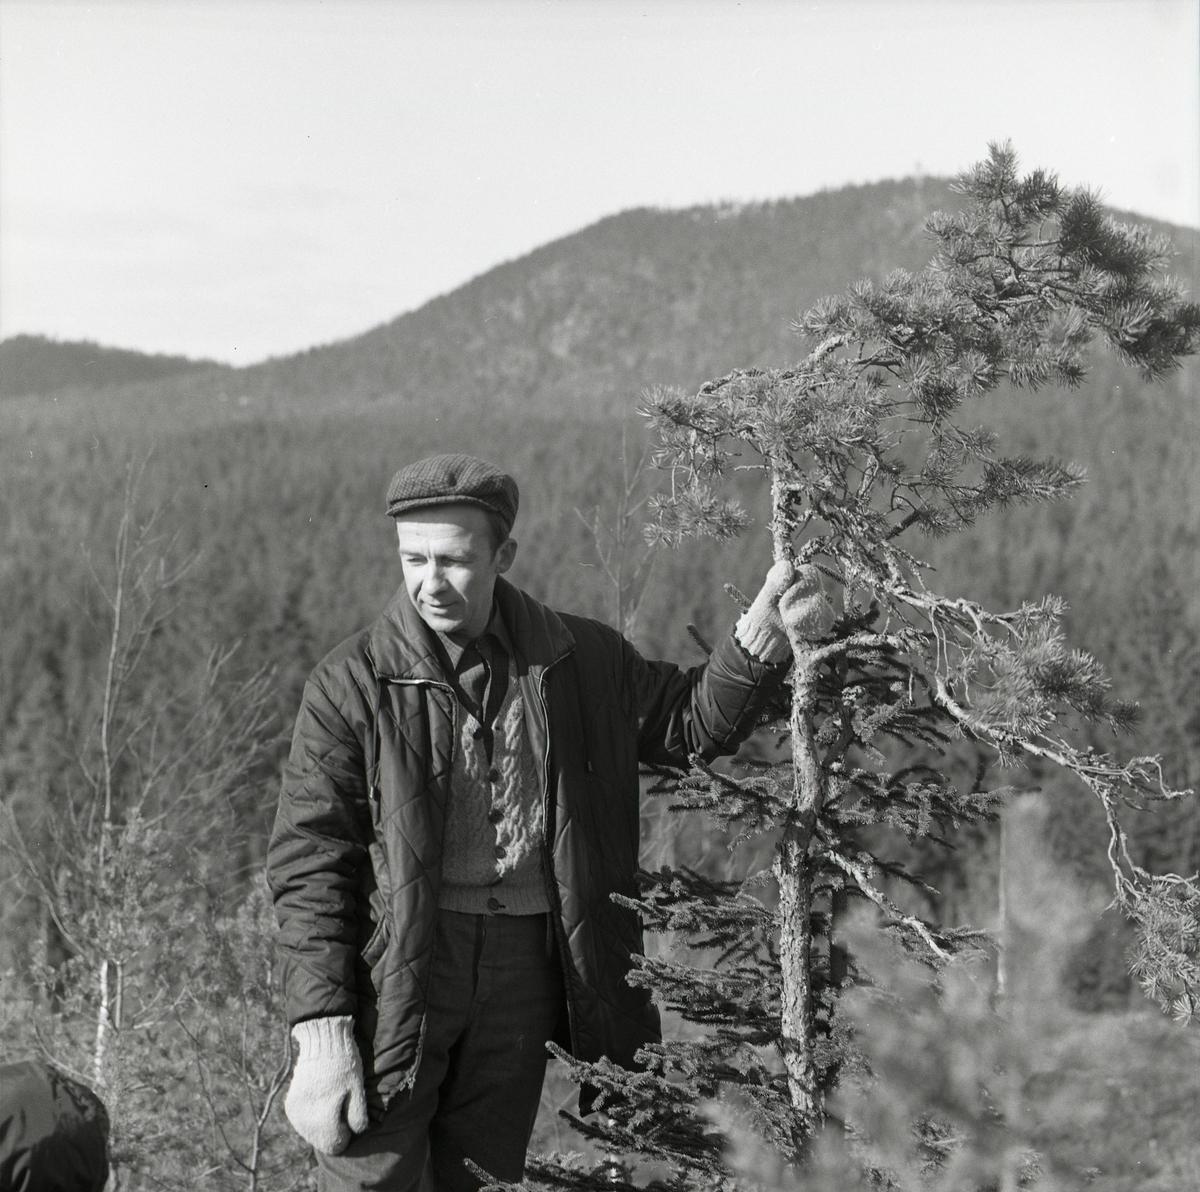 En man står i förgrunden och håller i en liten tall. Mannen bär keps, tjock jacka och stickade vantar. Bakom mannen reser sig berggrunden långsamt till ett berg och på detta växer en tät skog.